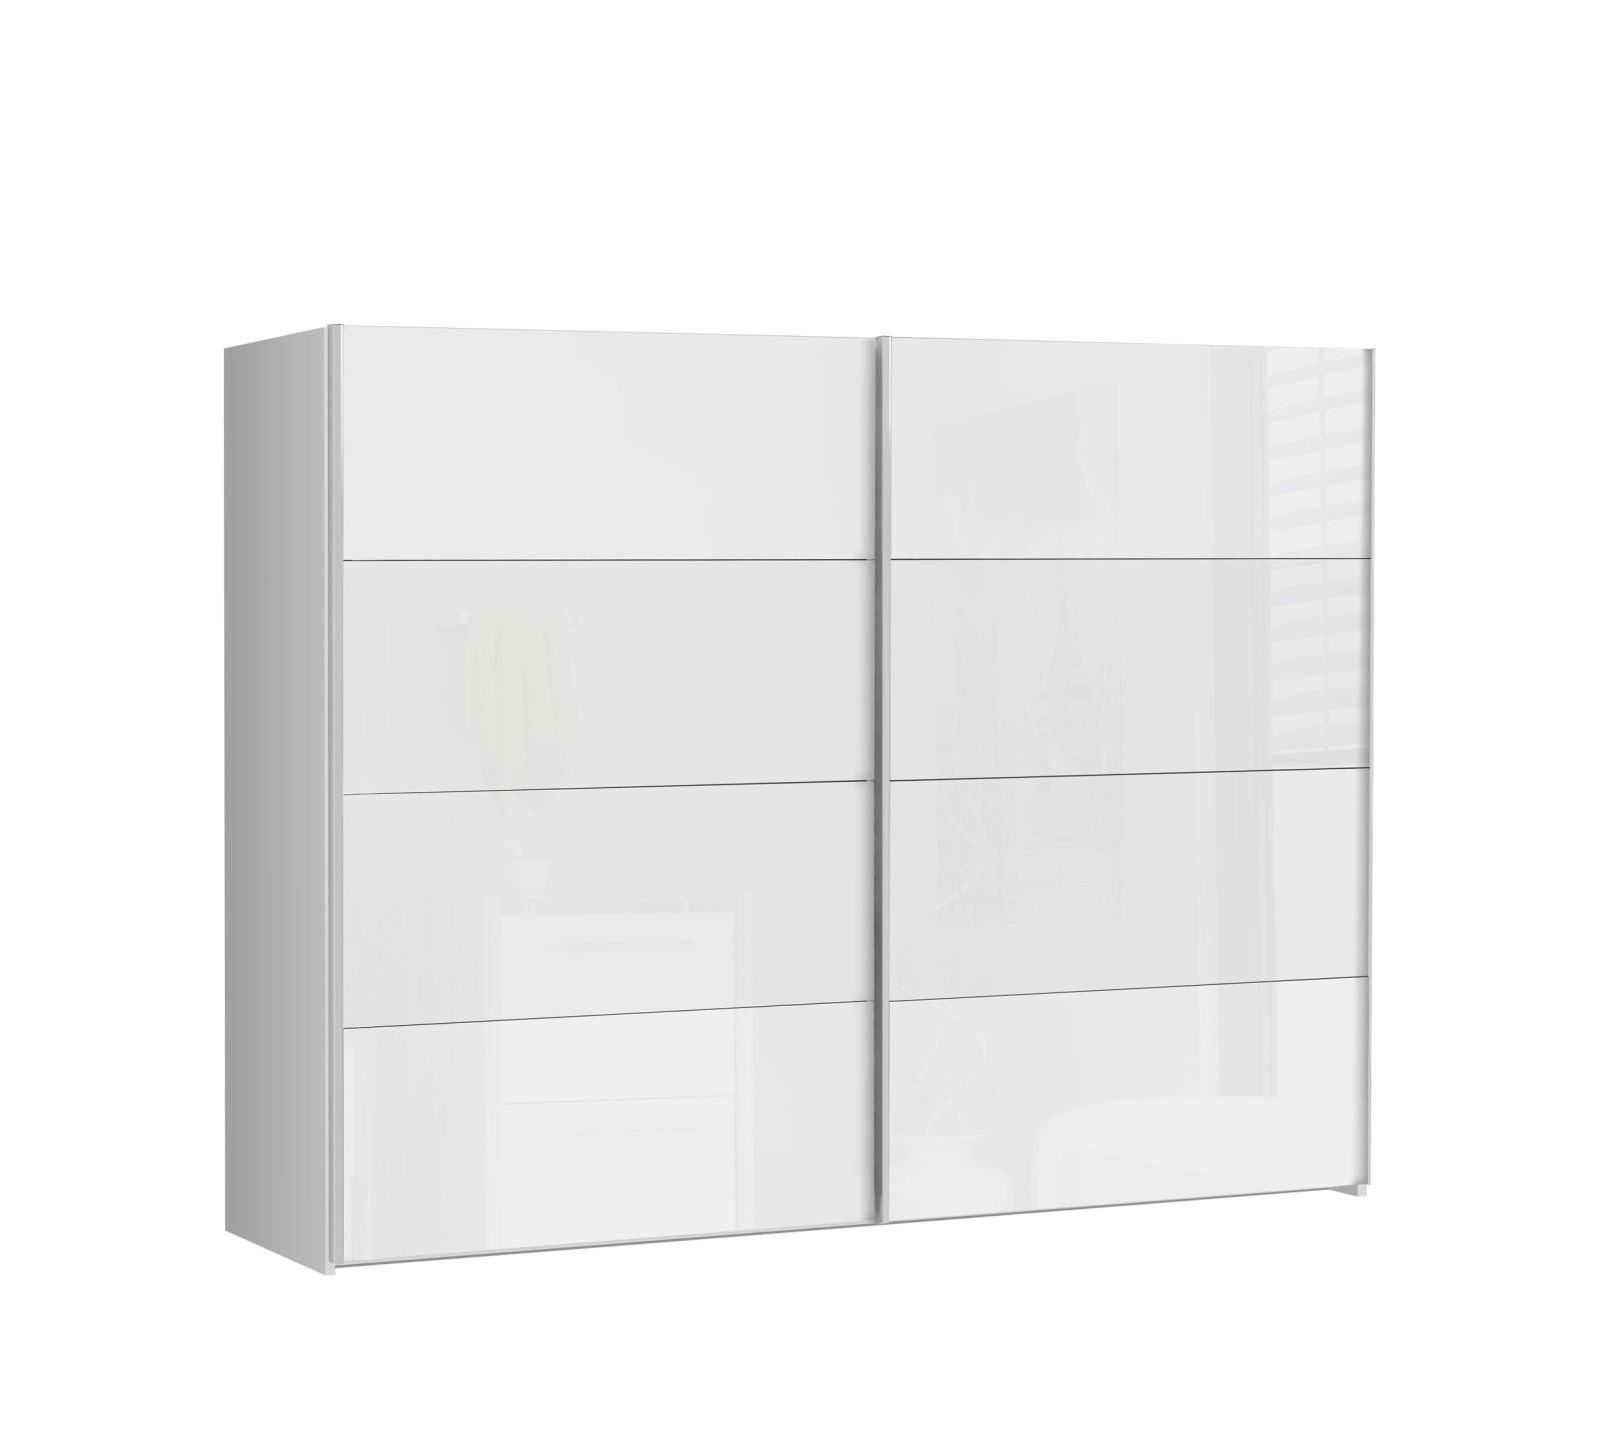 schwebet renschrank starlet plus kleiderschr nke schlafzimmer sortiment pack zu m bel sb. Black Bedroom Furniture Sets. Home Design Ideas